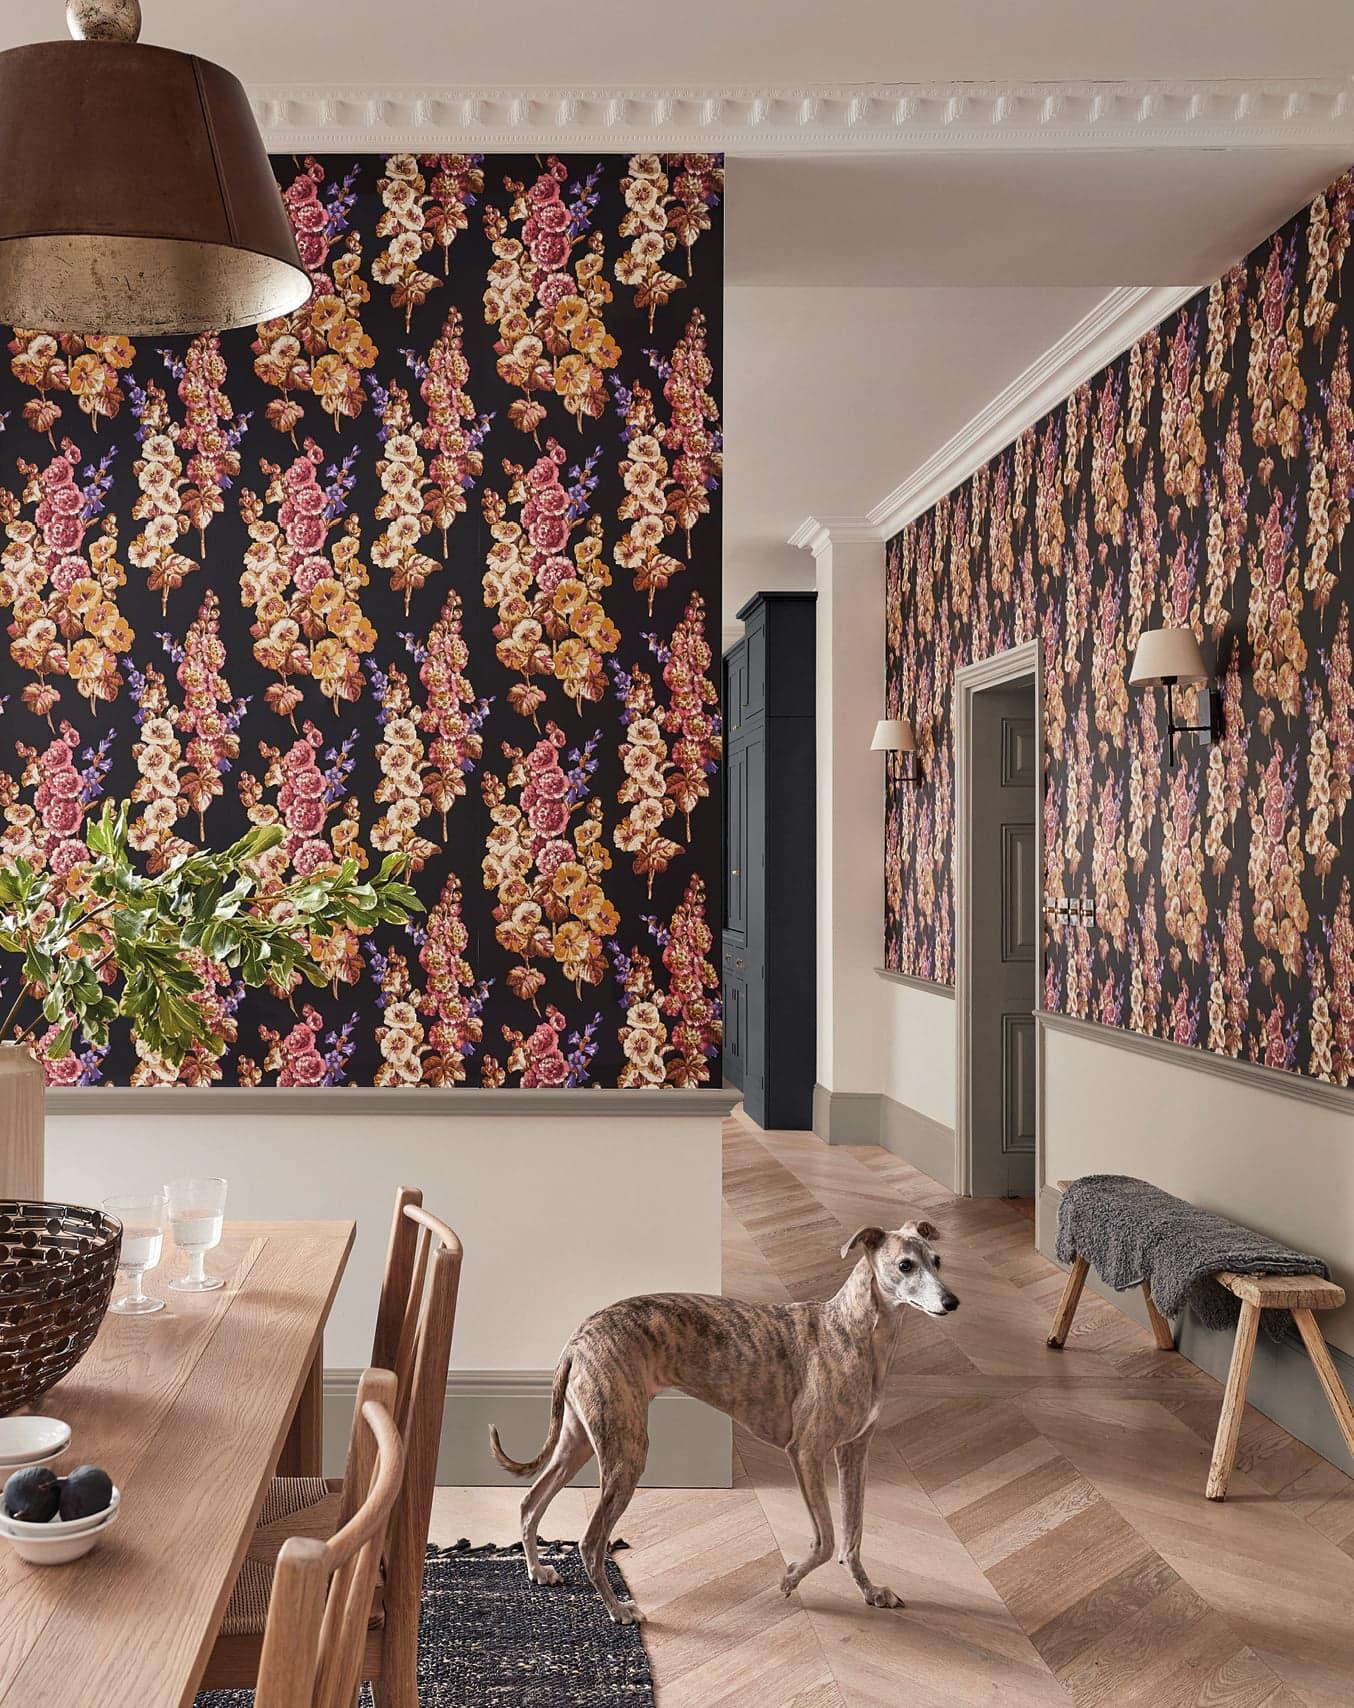 Hollyhocks Wallpaper in dining area